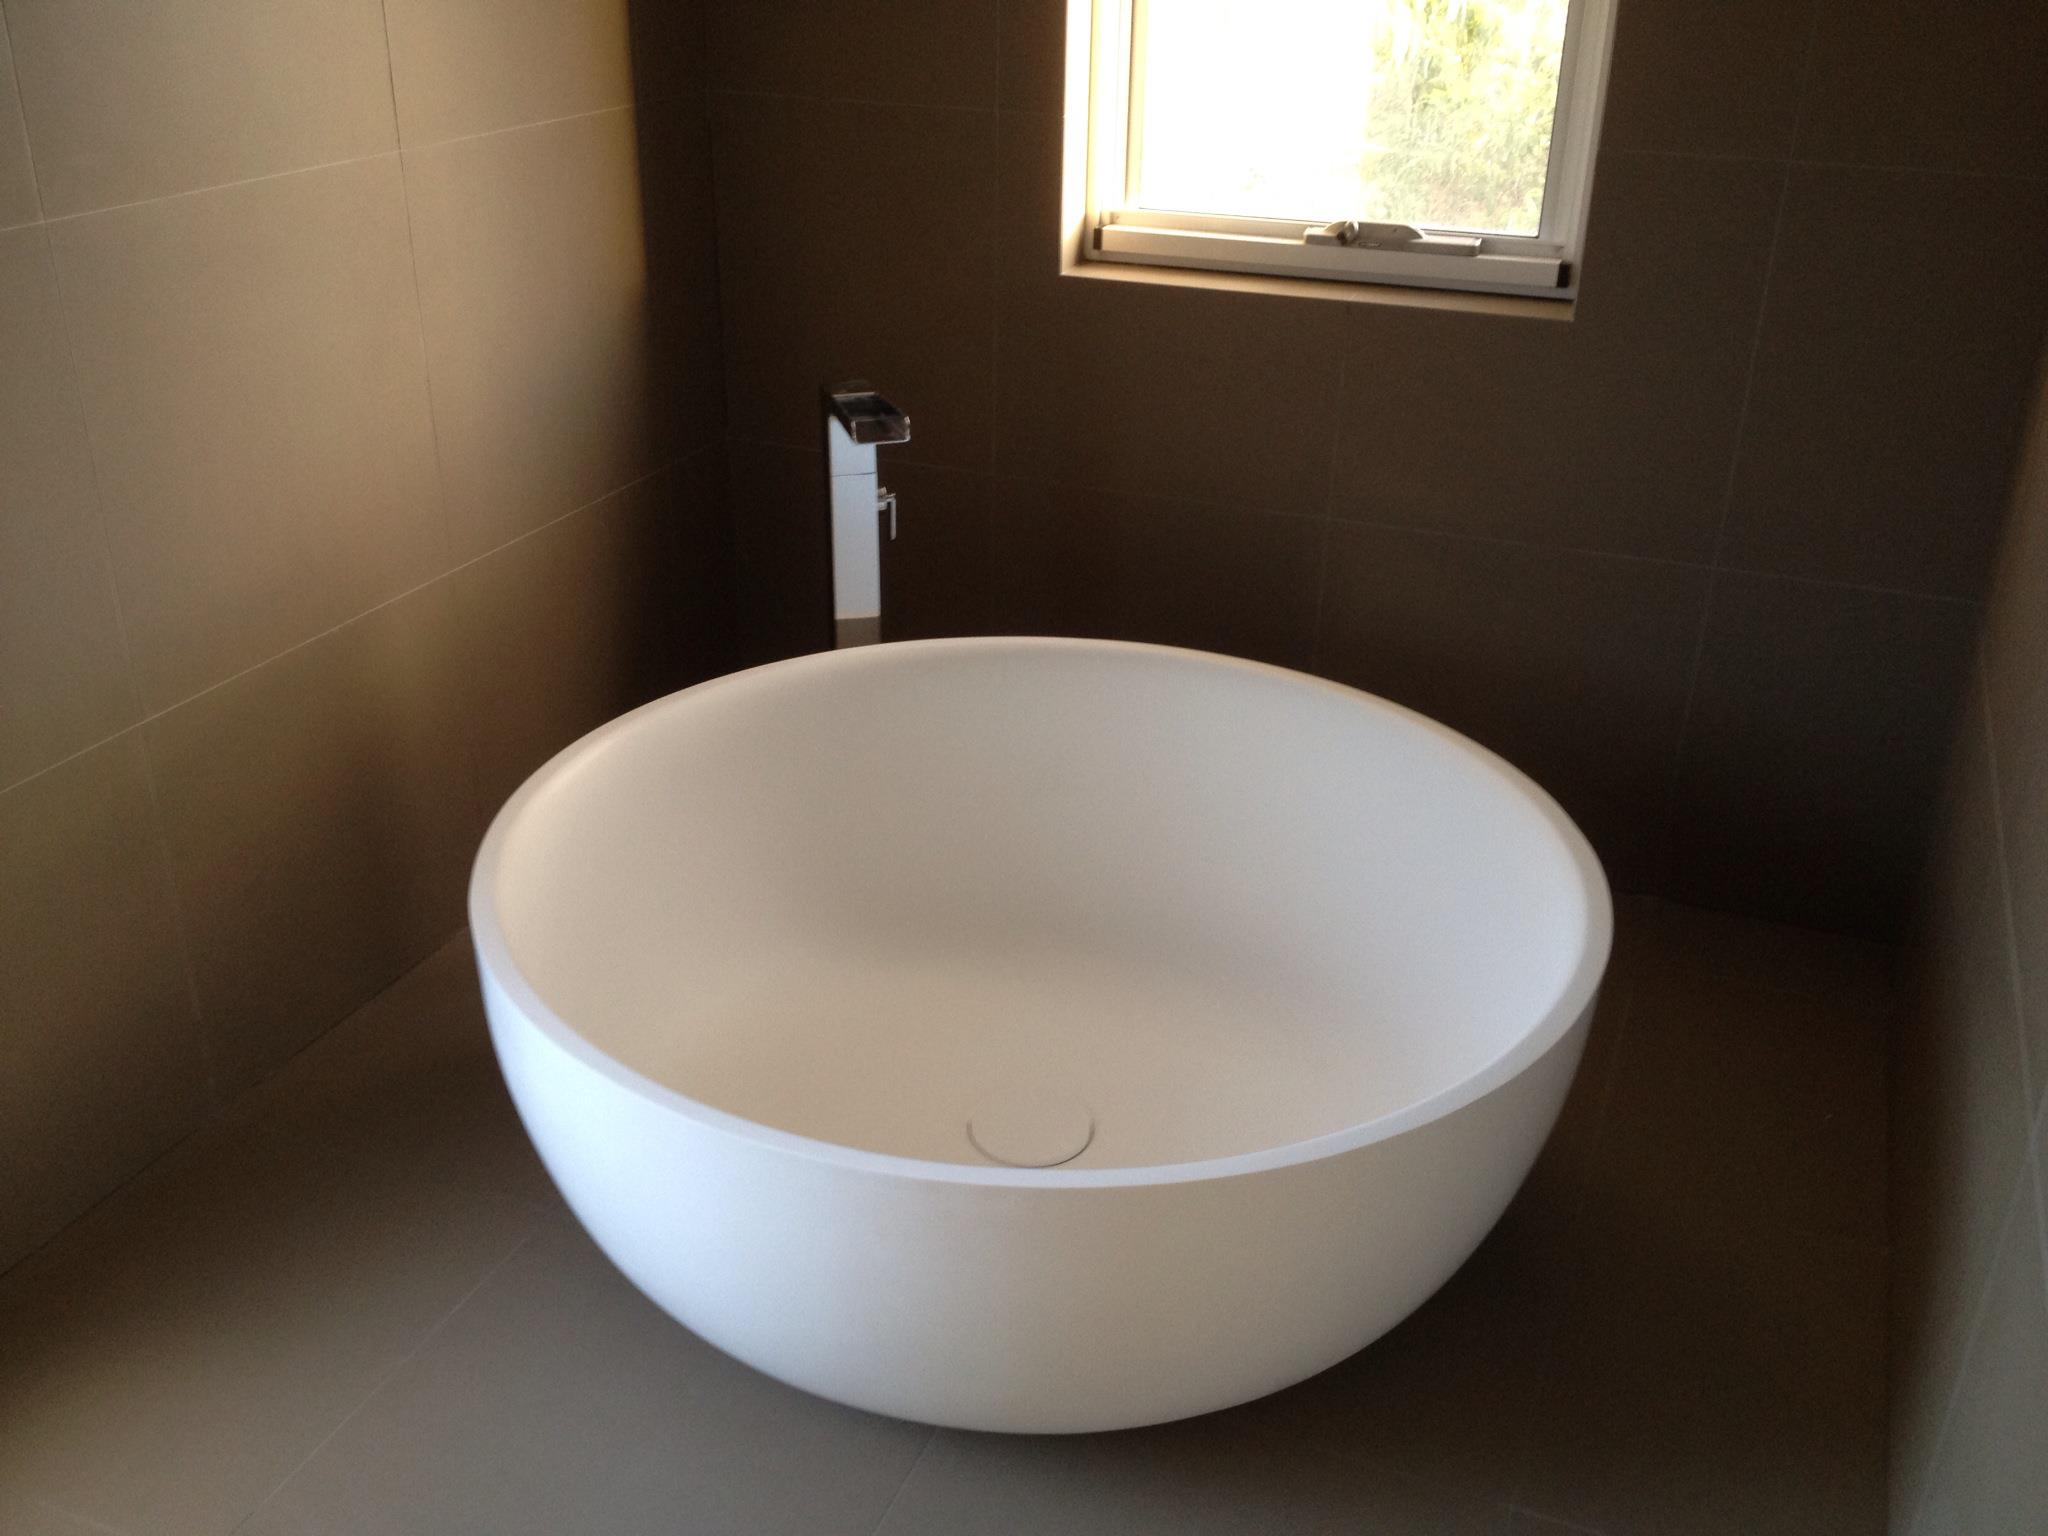 Freshwater Plumbing - Bathroom reno1